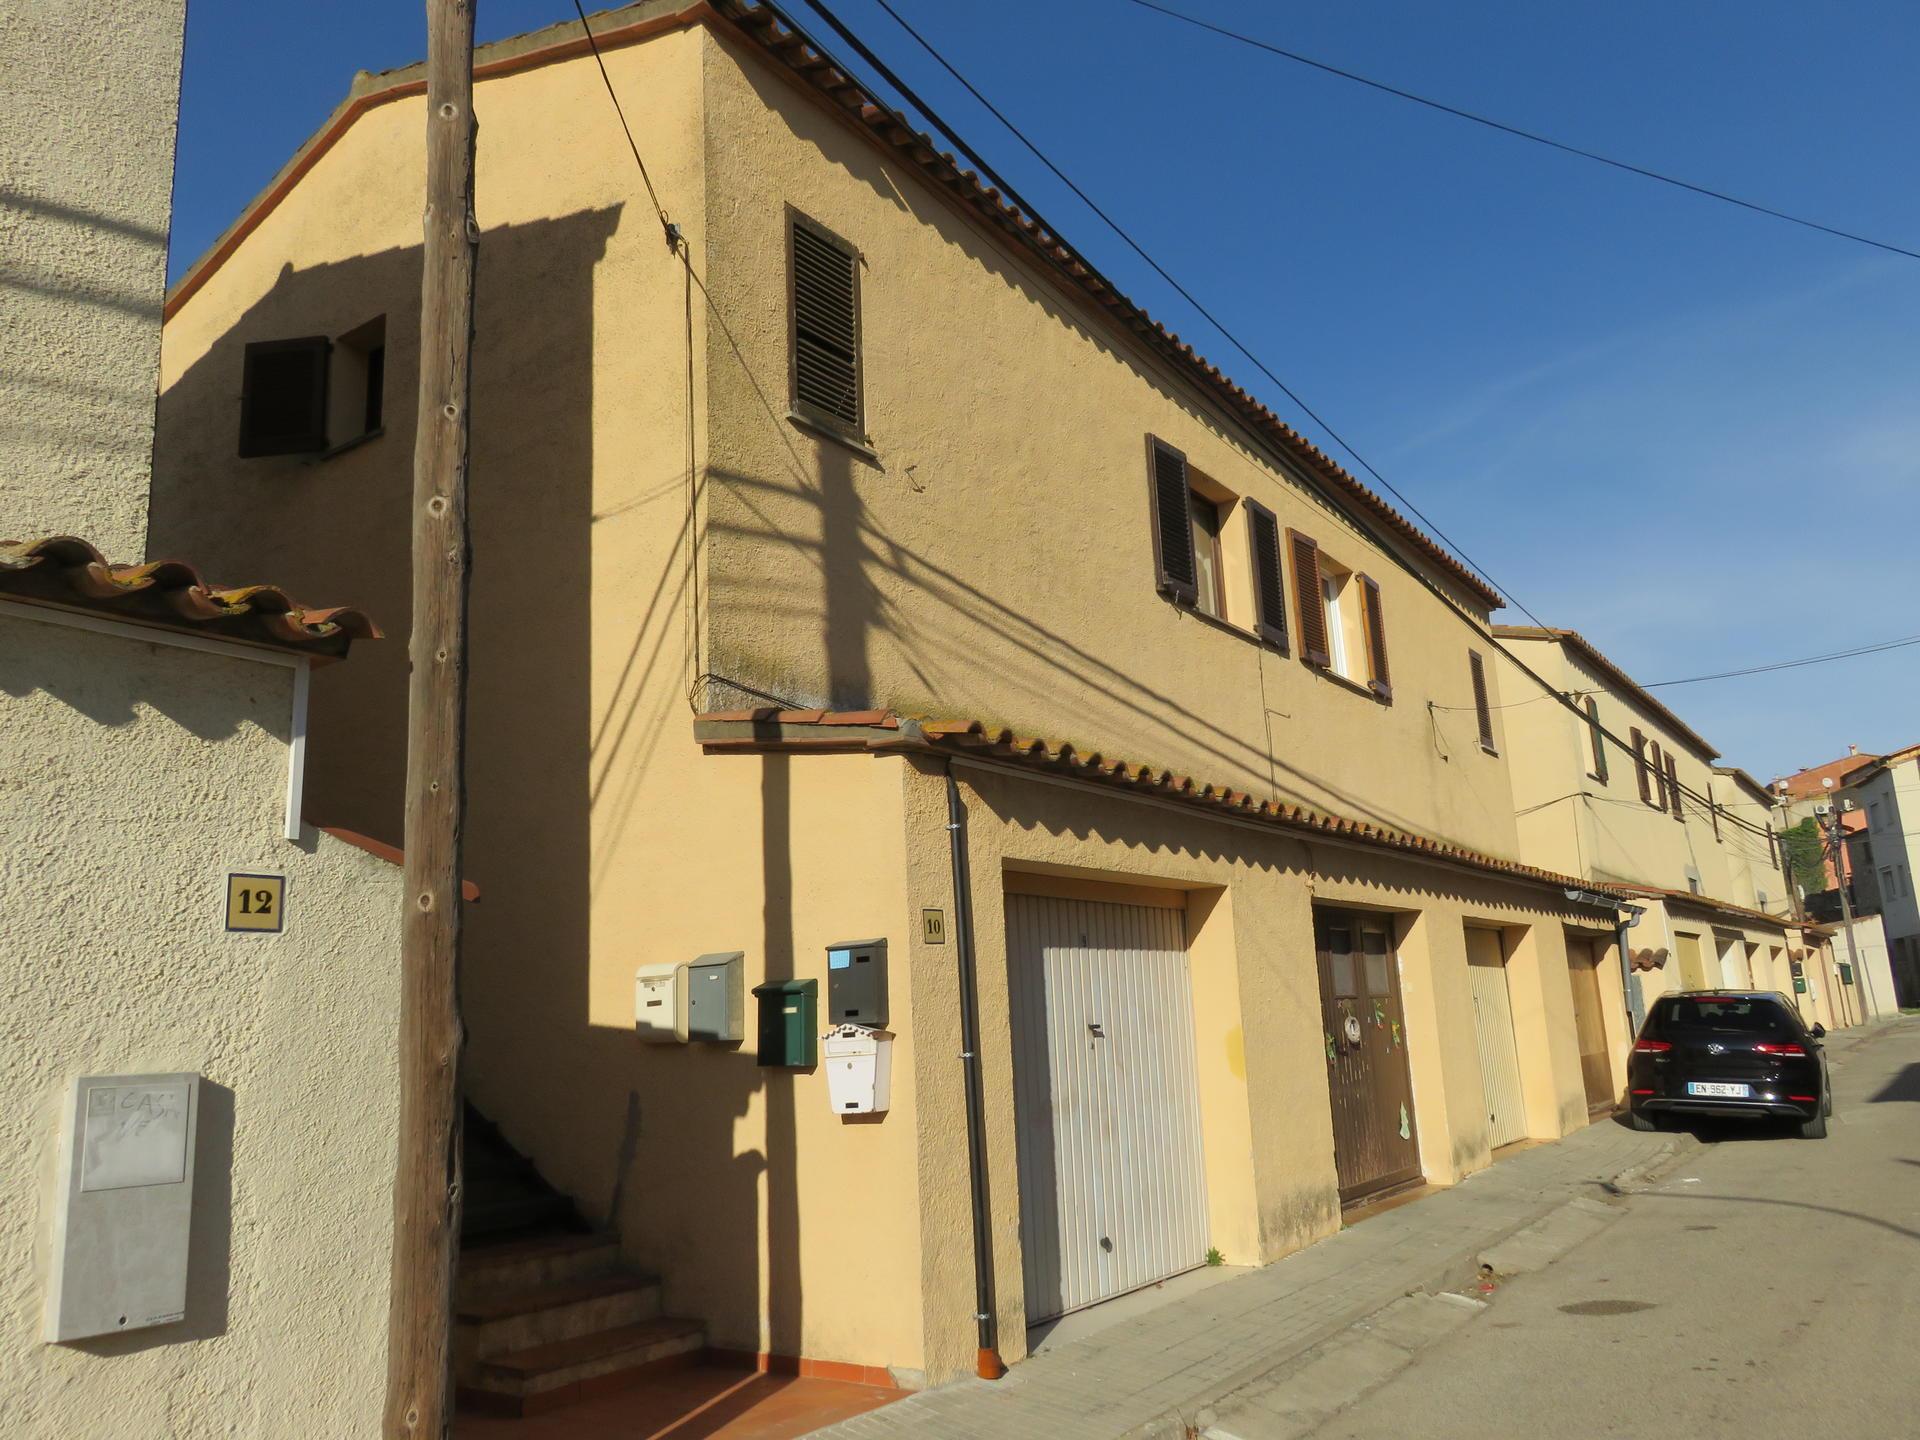 Apartamento -                                       Bellcaire -                                       2 dormitorios -                                       0 ocupantes